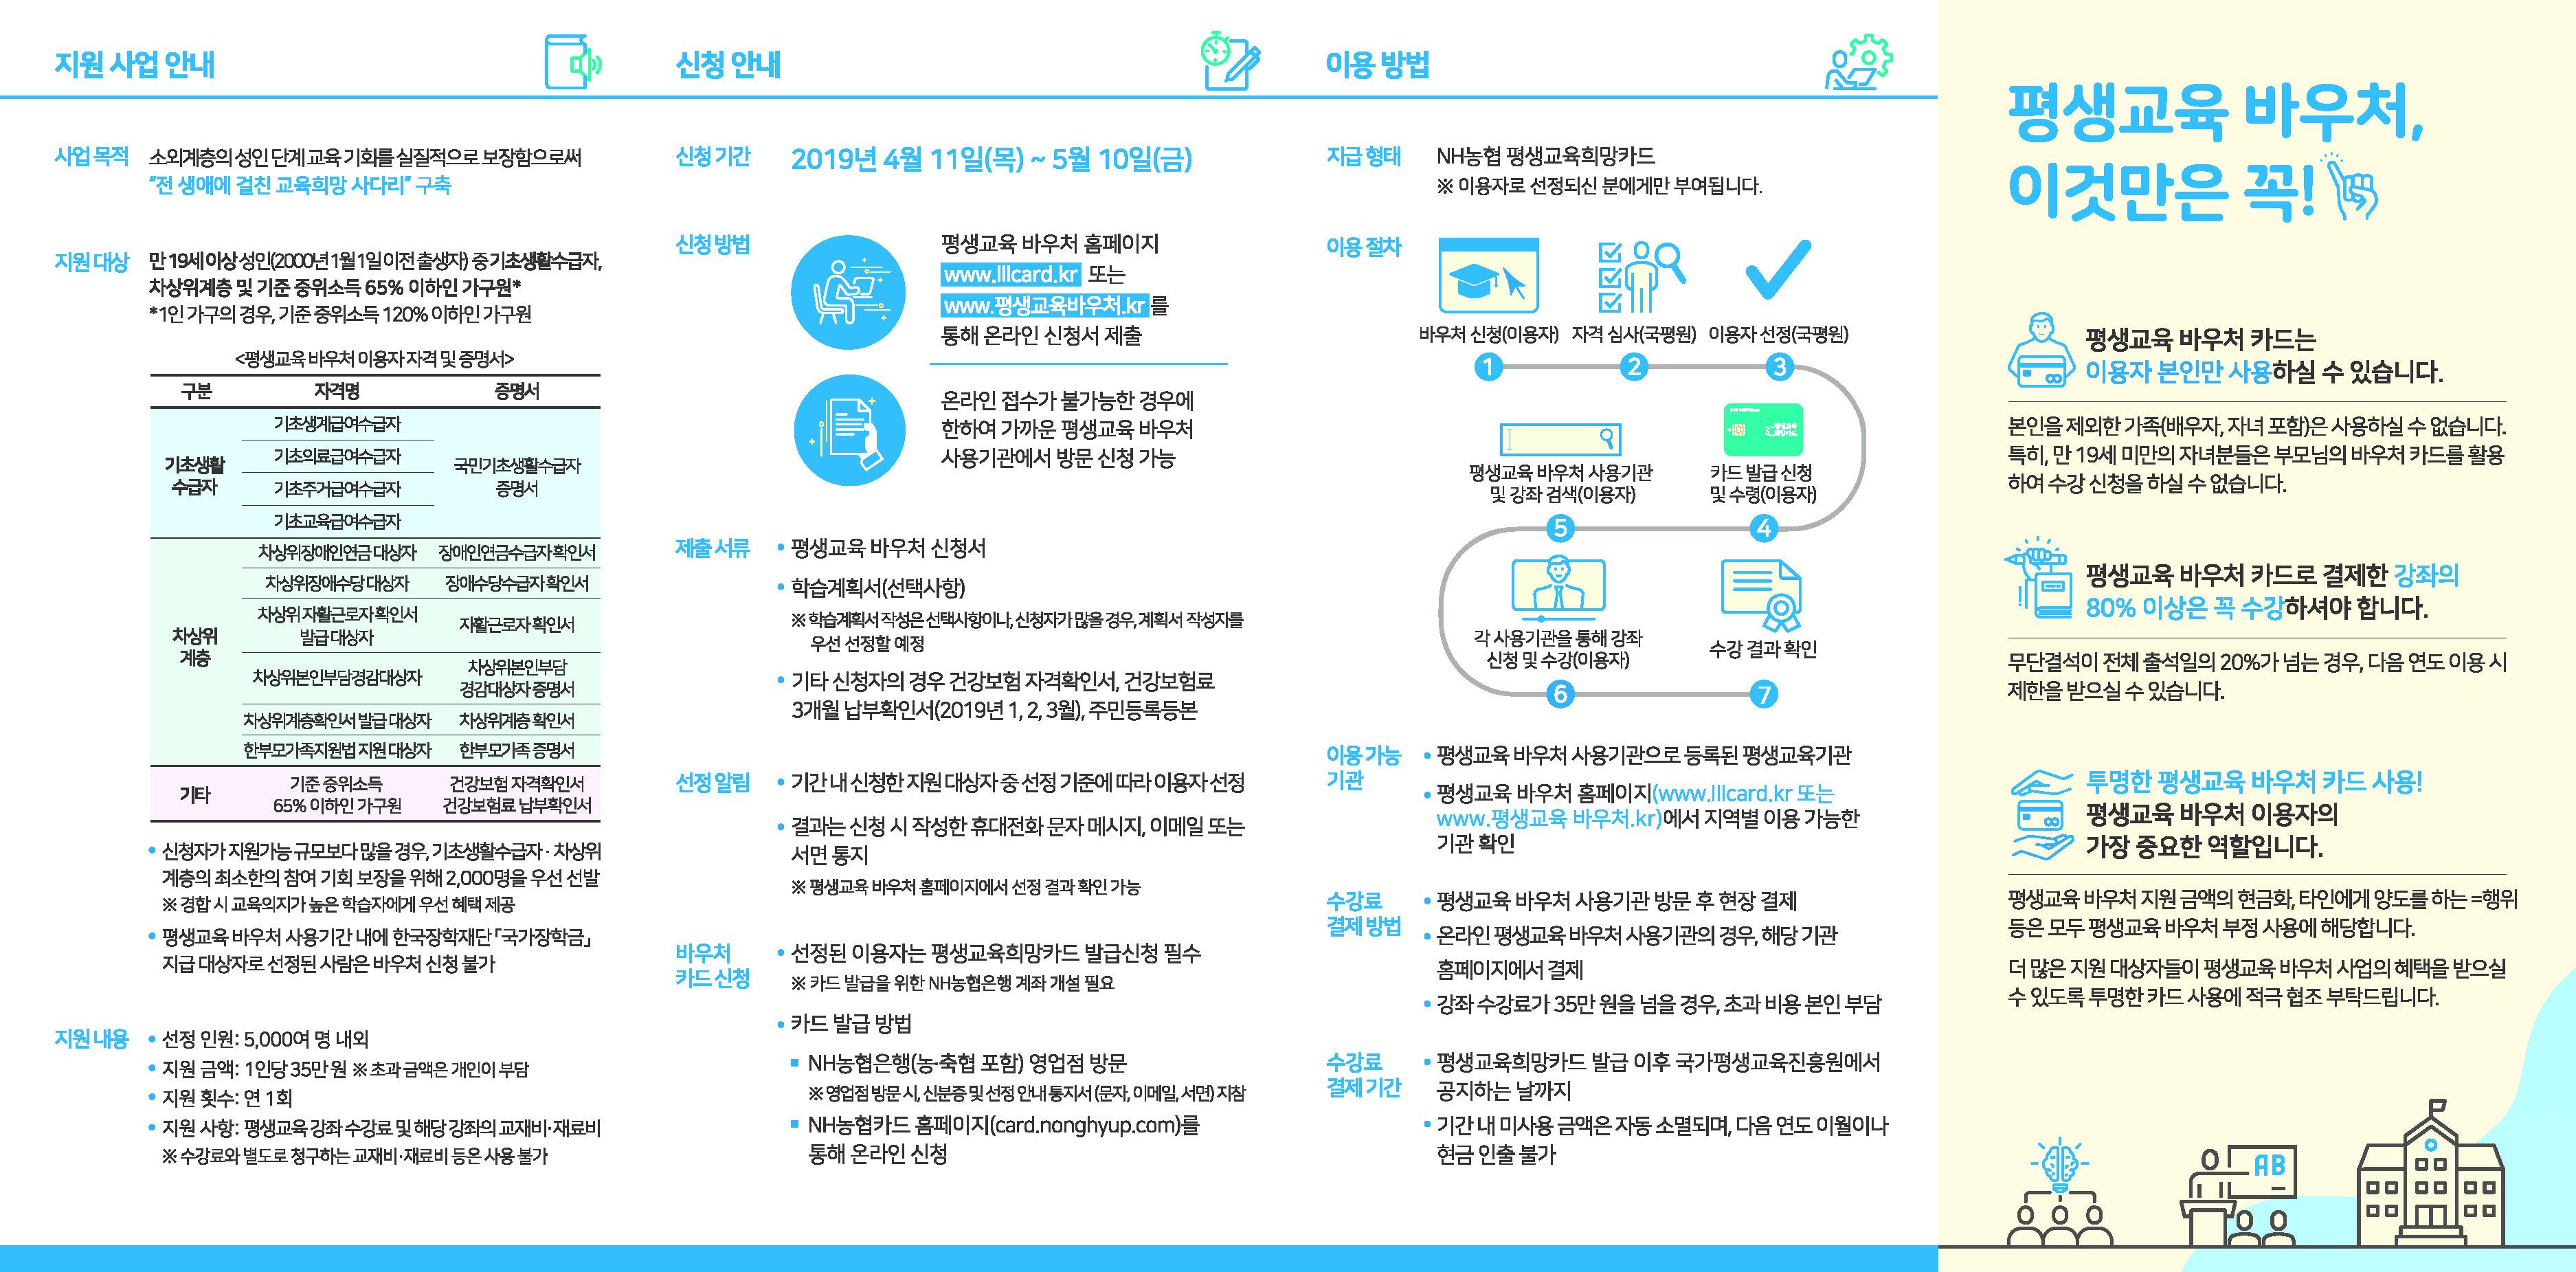 [평생교육바우처]리플릿_페이지_2.jpg